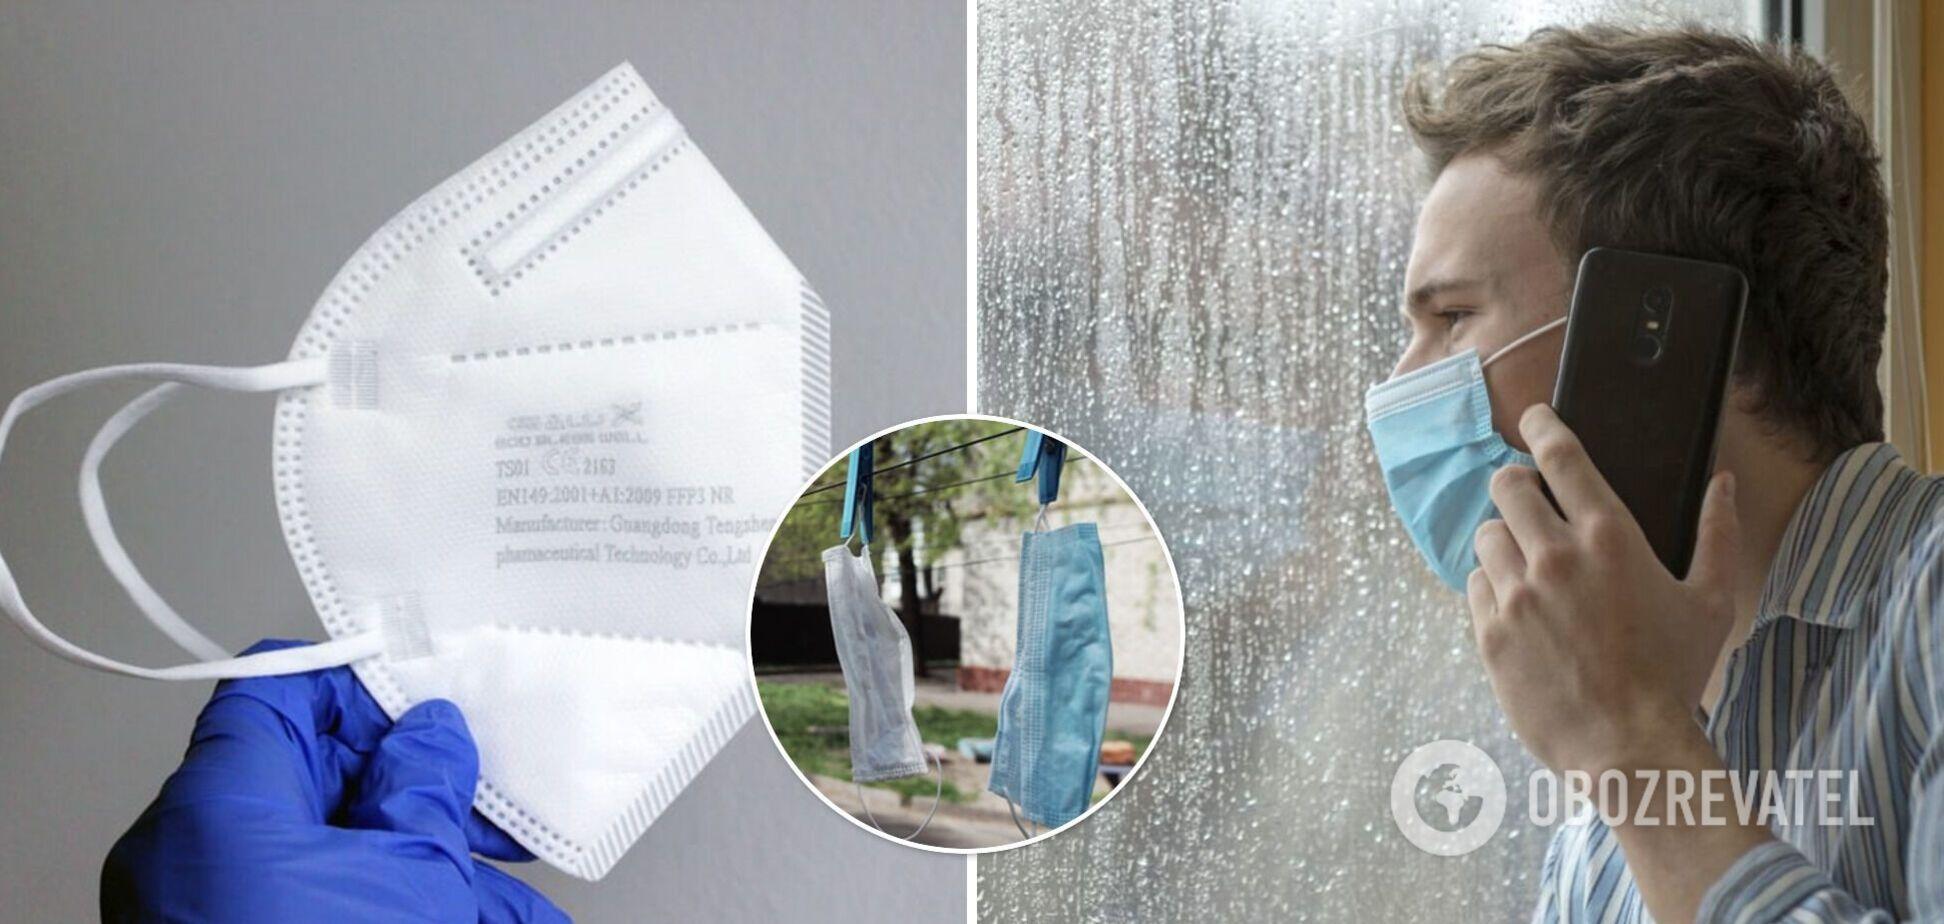 Кузін анонсував 'рейди' поліції для контролю за носінням масок